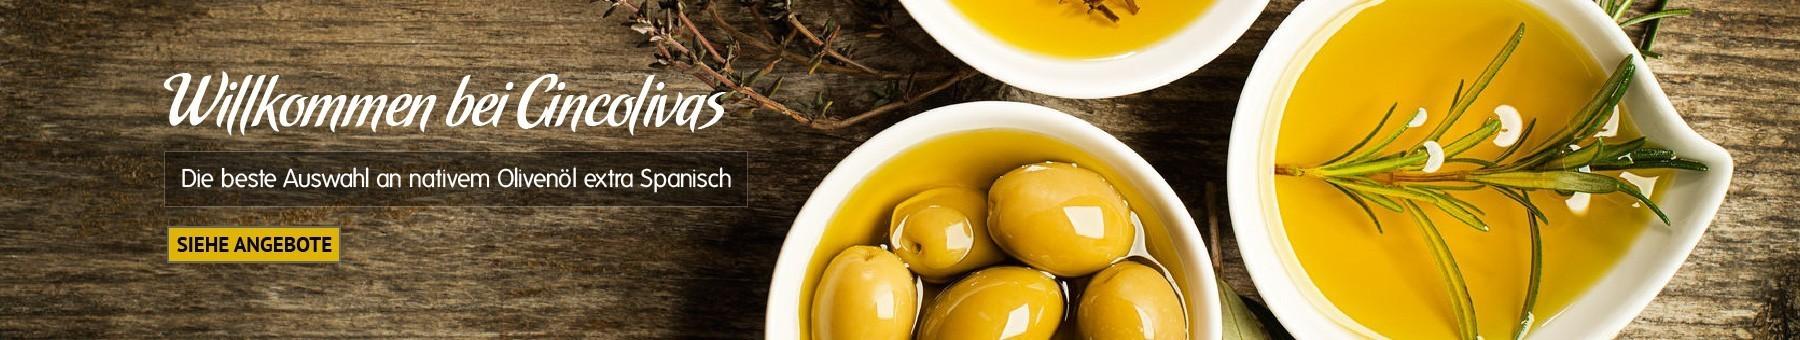 Bietet extra natives Olivenöl